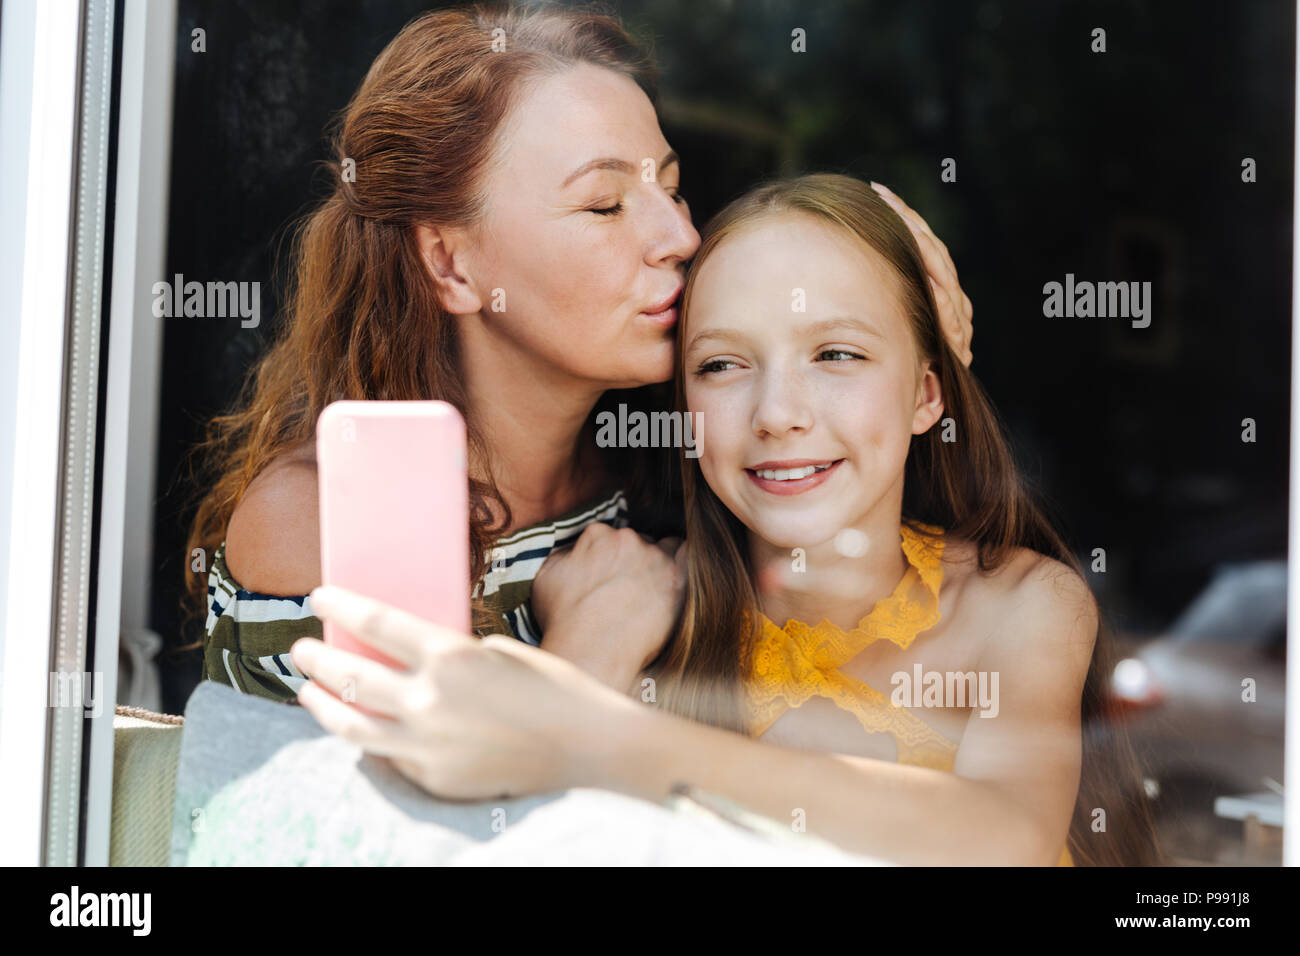 Lieben schöne Mutter küssen ihre liebevolle Tochter Stockbild